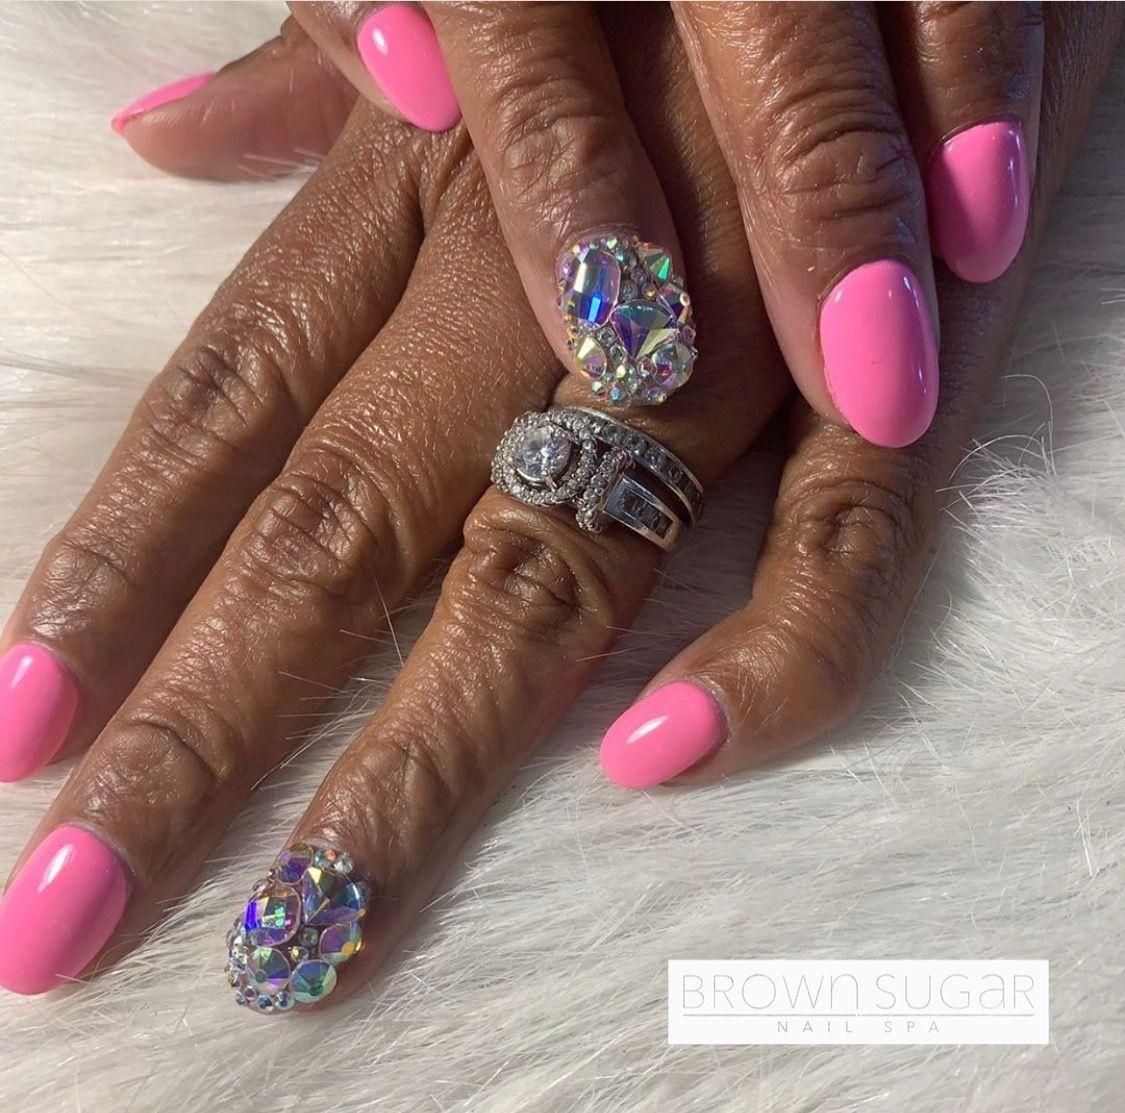 #nails #nailart #nailpolish #bling #blingnails #blingbling #pink #pinknails #acrylicnails #swarovski #swarovskinails #swarovskicrystals #accentnails #brownsugarnailspa